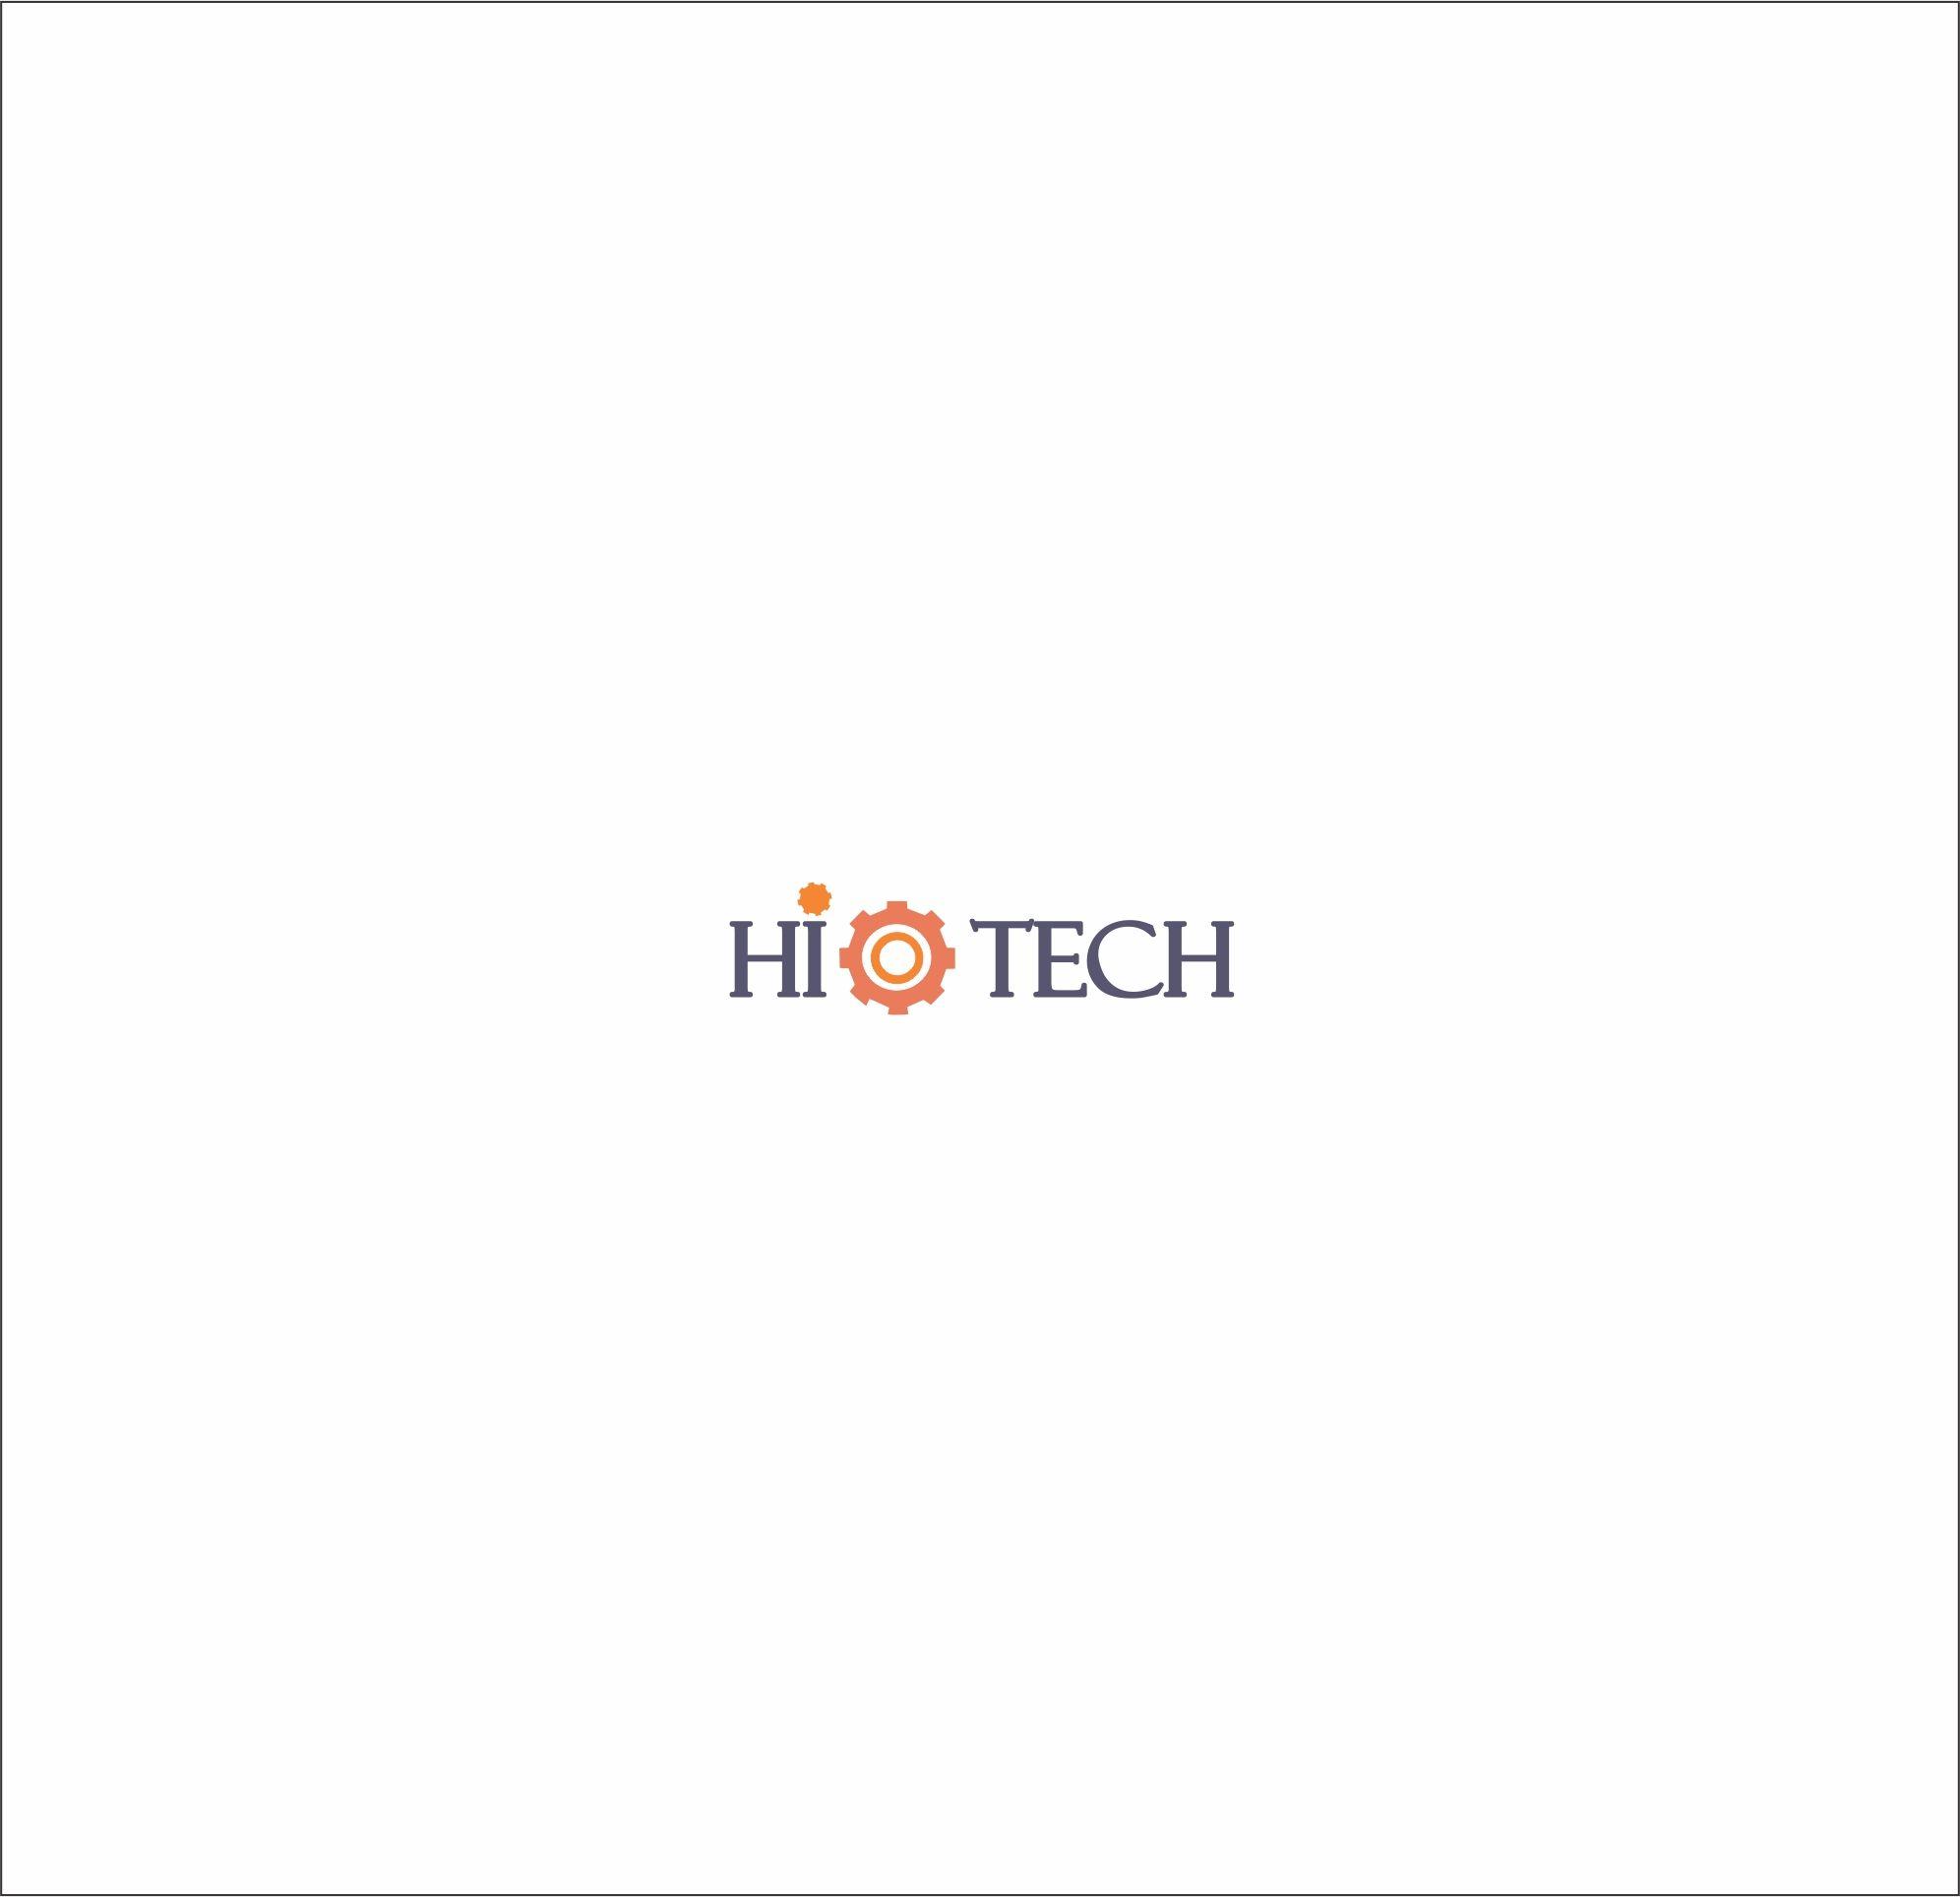 Логотип для Hi-Tech - дизайнер voinickis